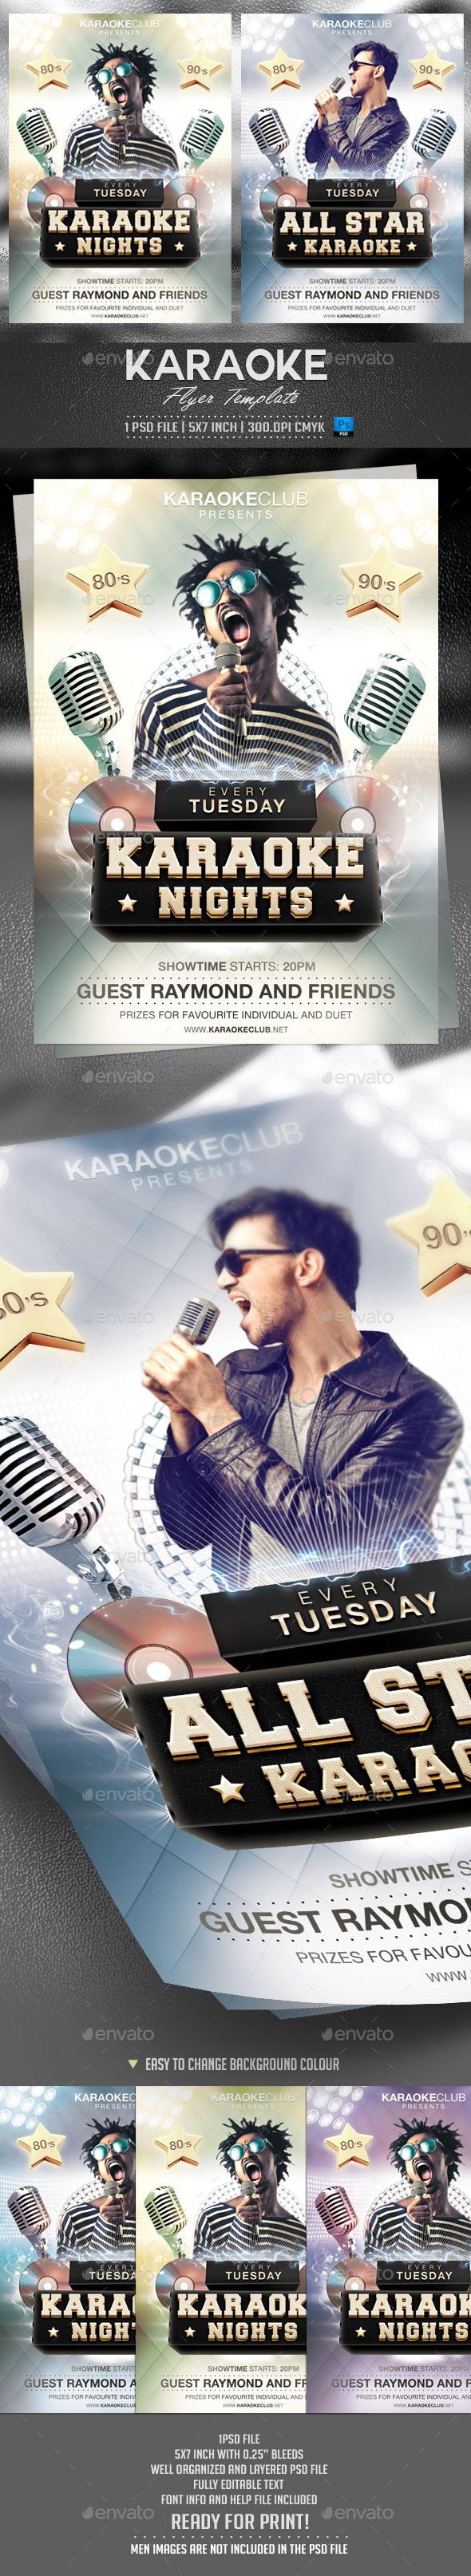 Karaoke Flyer Template - Events Flyers